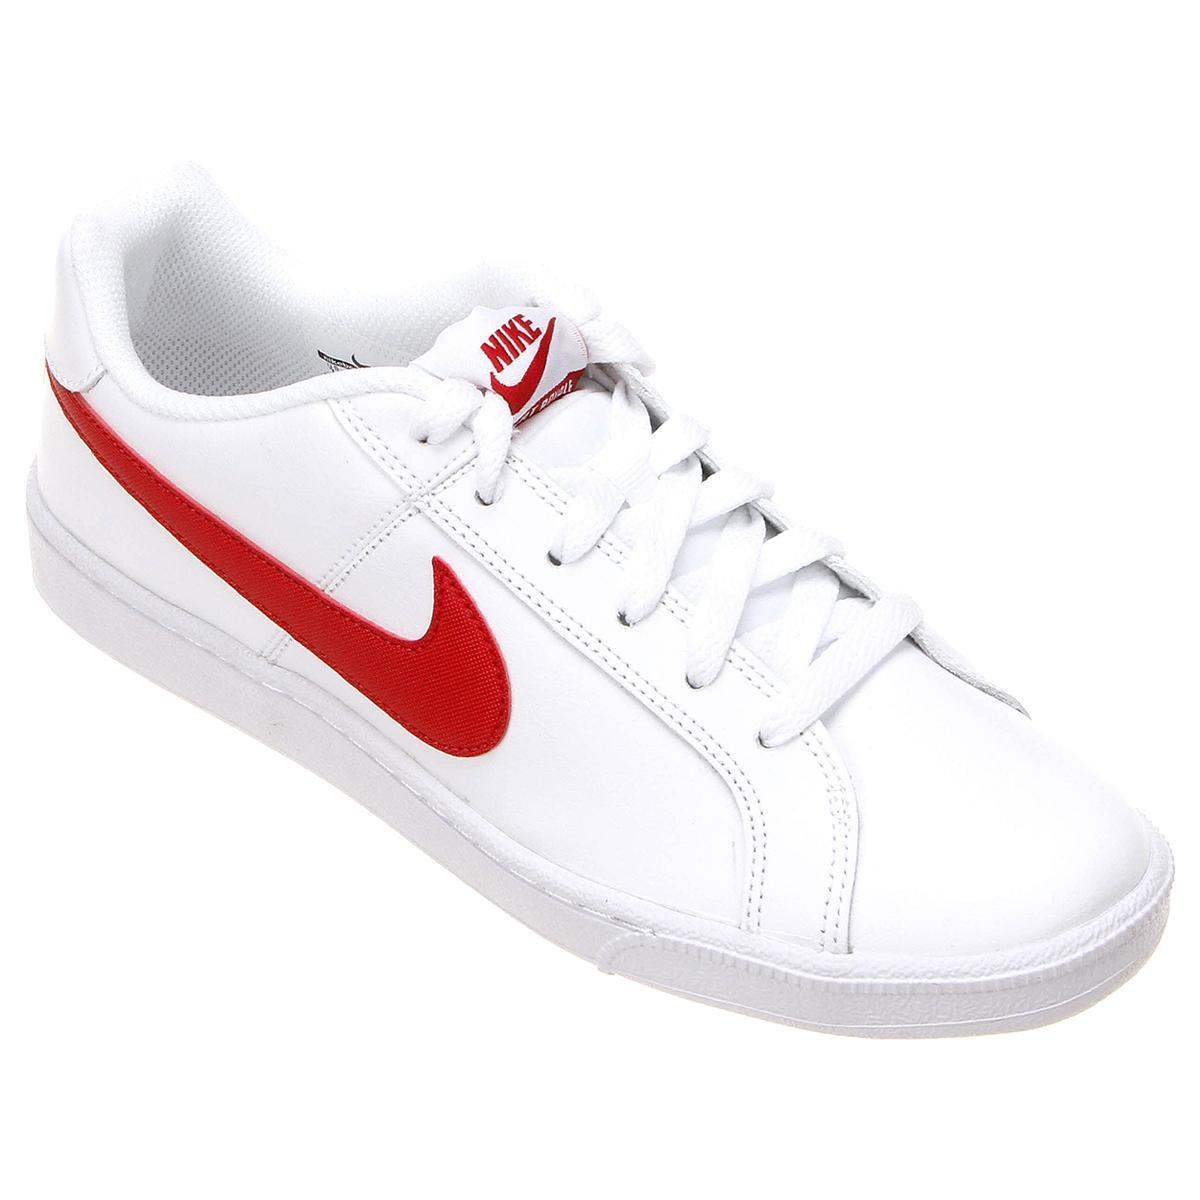 058439f5e0d Tênis Couro Nike Court Royale Masculino - Branco e Vermelho - Compre Agora